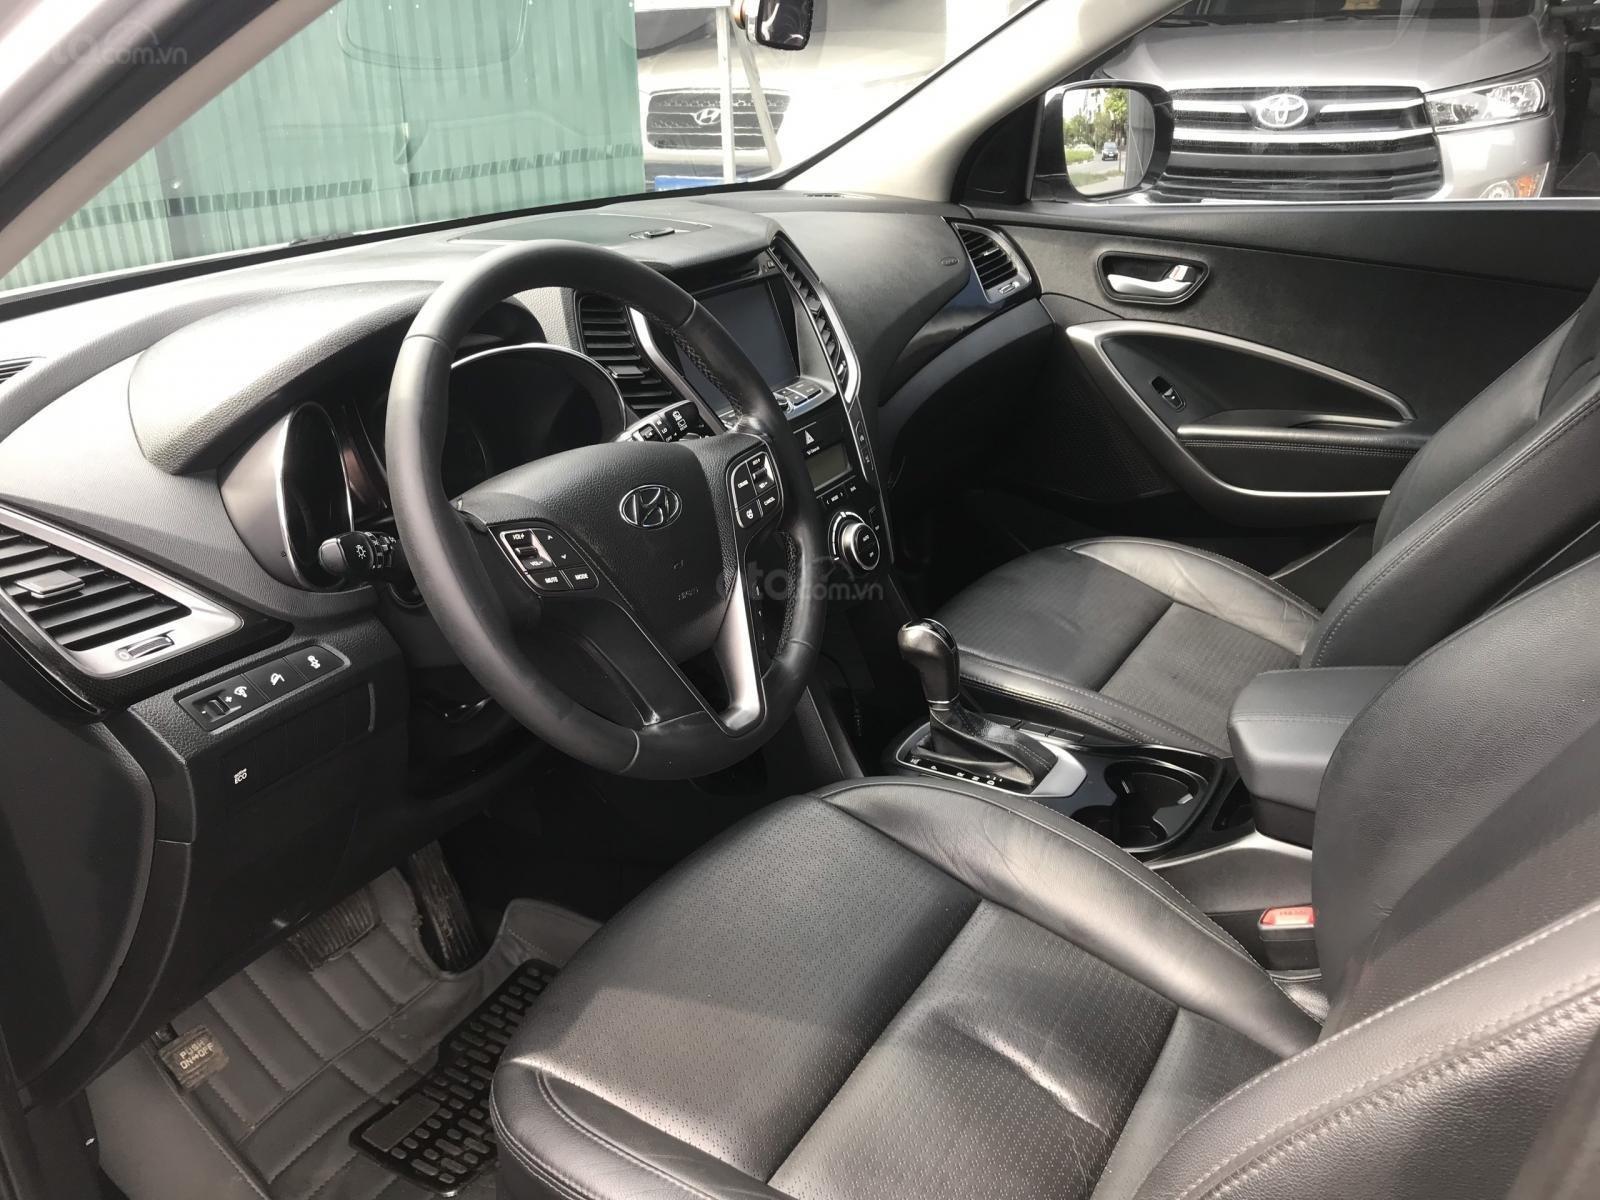 Cần bán Hyundai Santa Fe 2.4 AT năm sản xuất 2013, màu bạc, nhập khẩu nguyên chiếc-5